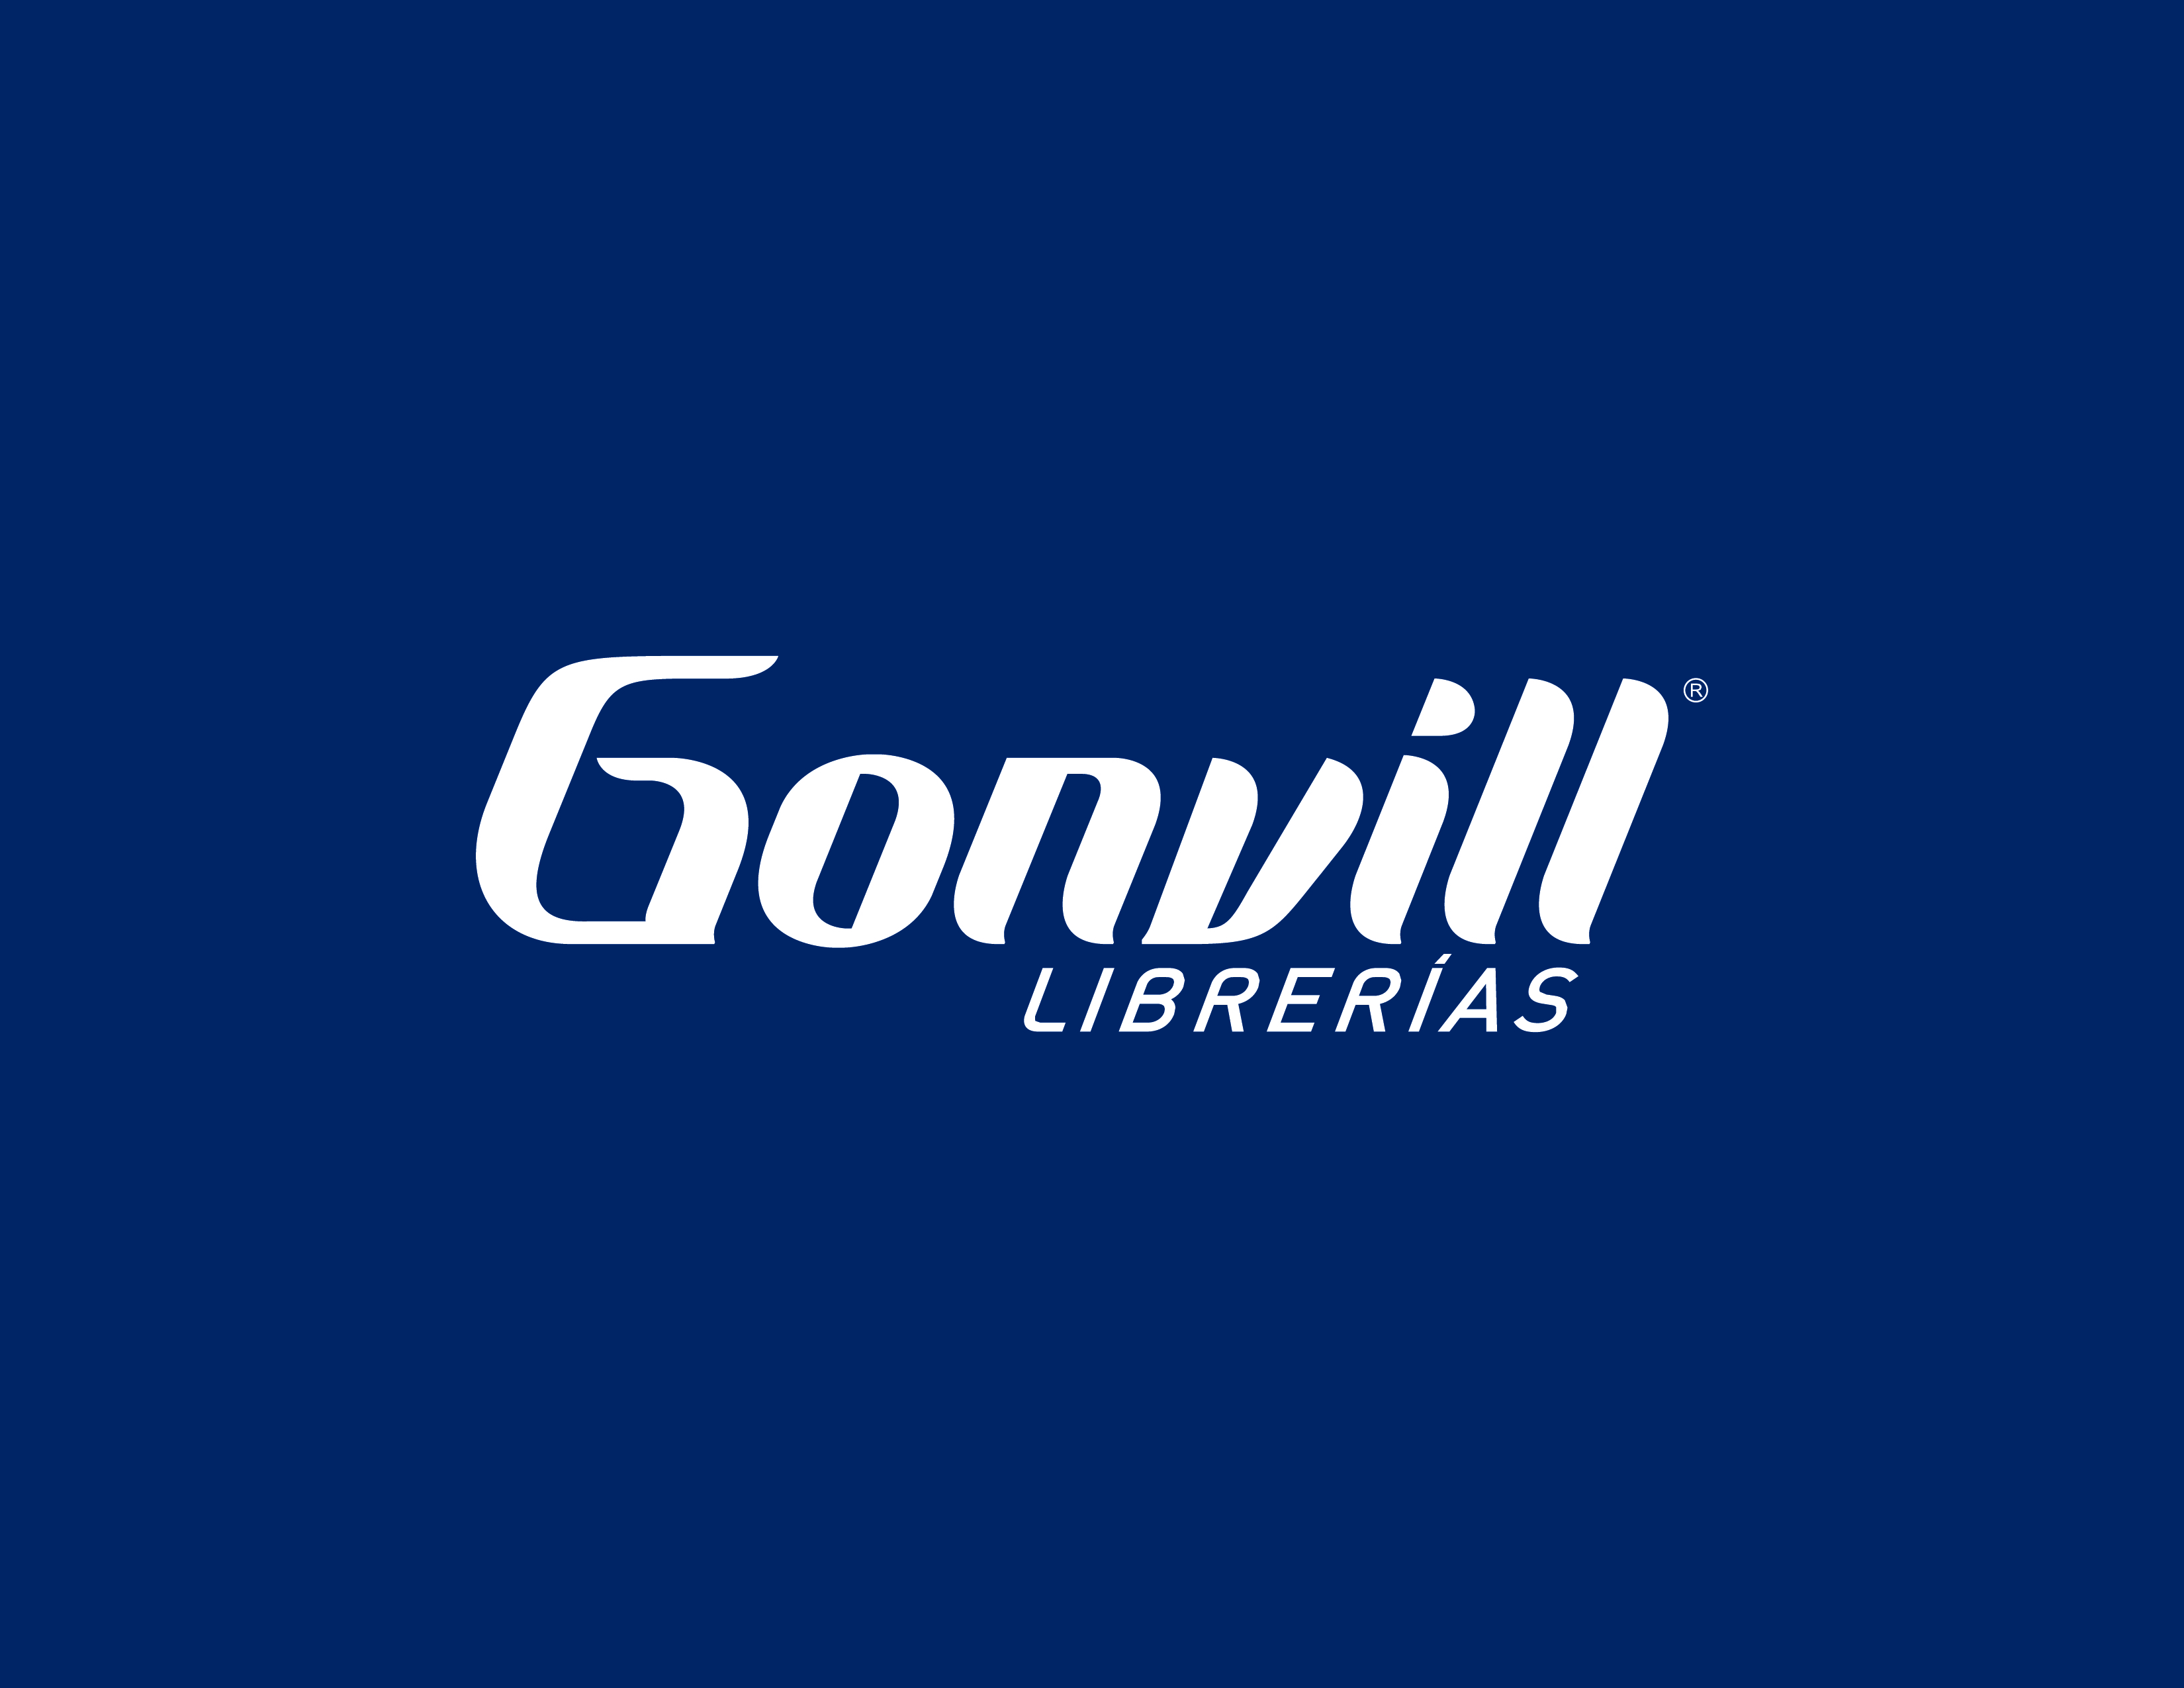 GONVILL LIBRERIA